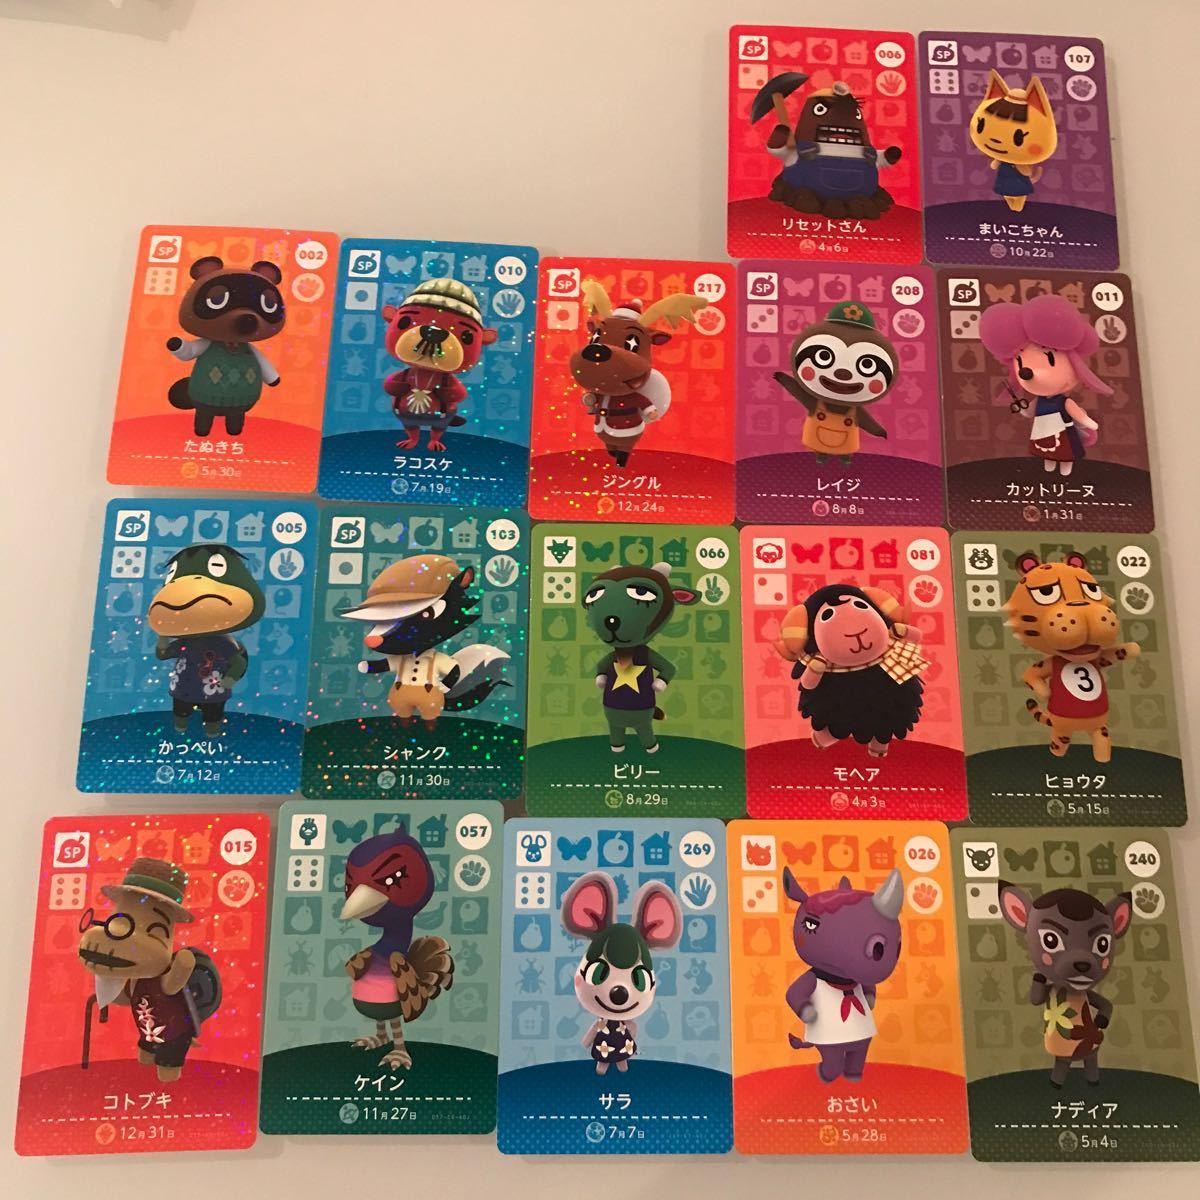 どうぶつの森amiiboカード まとめ売り 17枚 あつ森 あつまれどうぶつの森 任天堂スイッチ